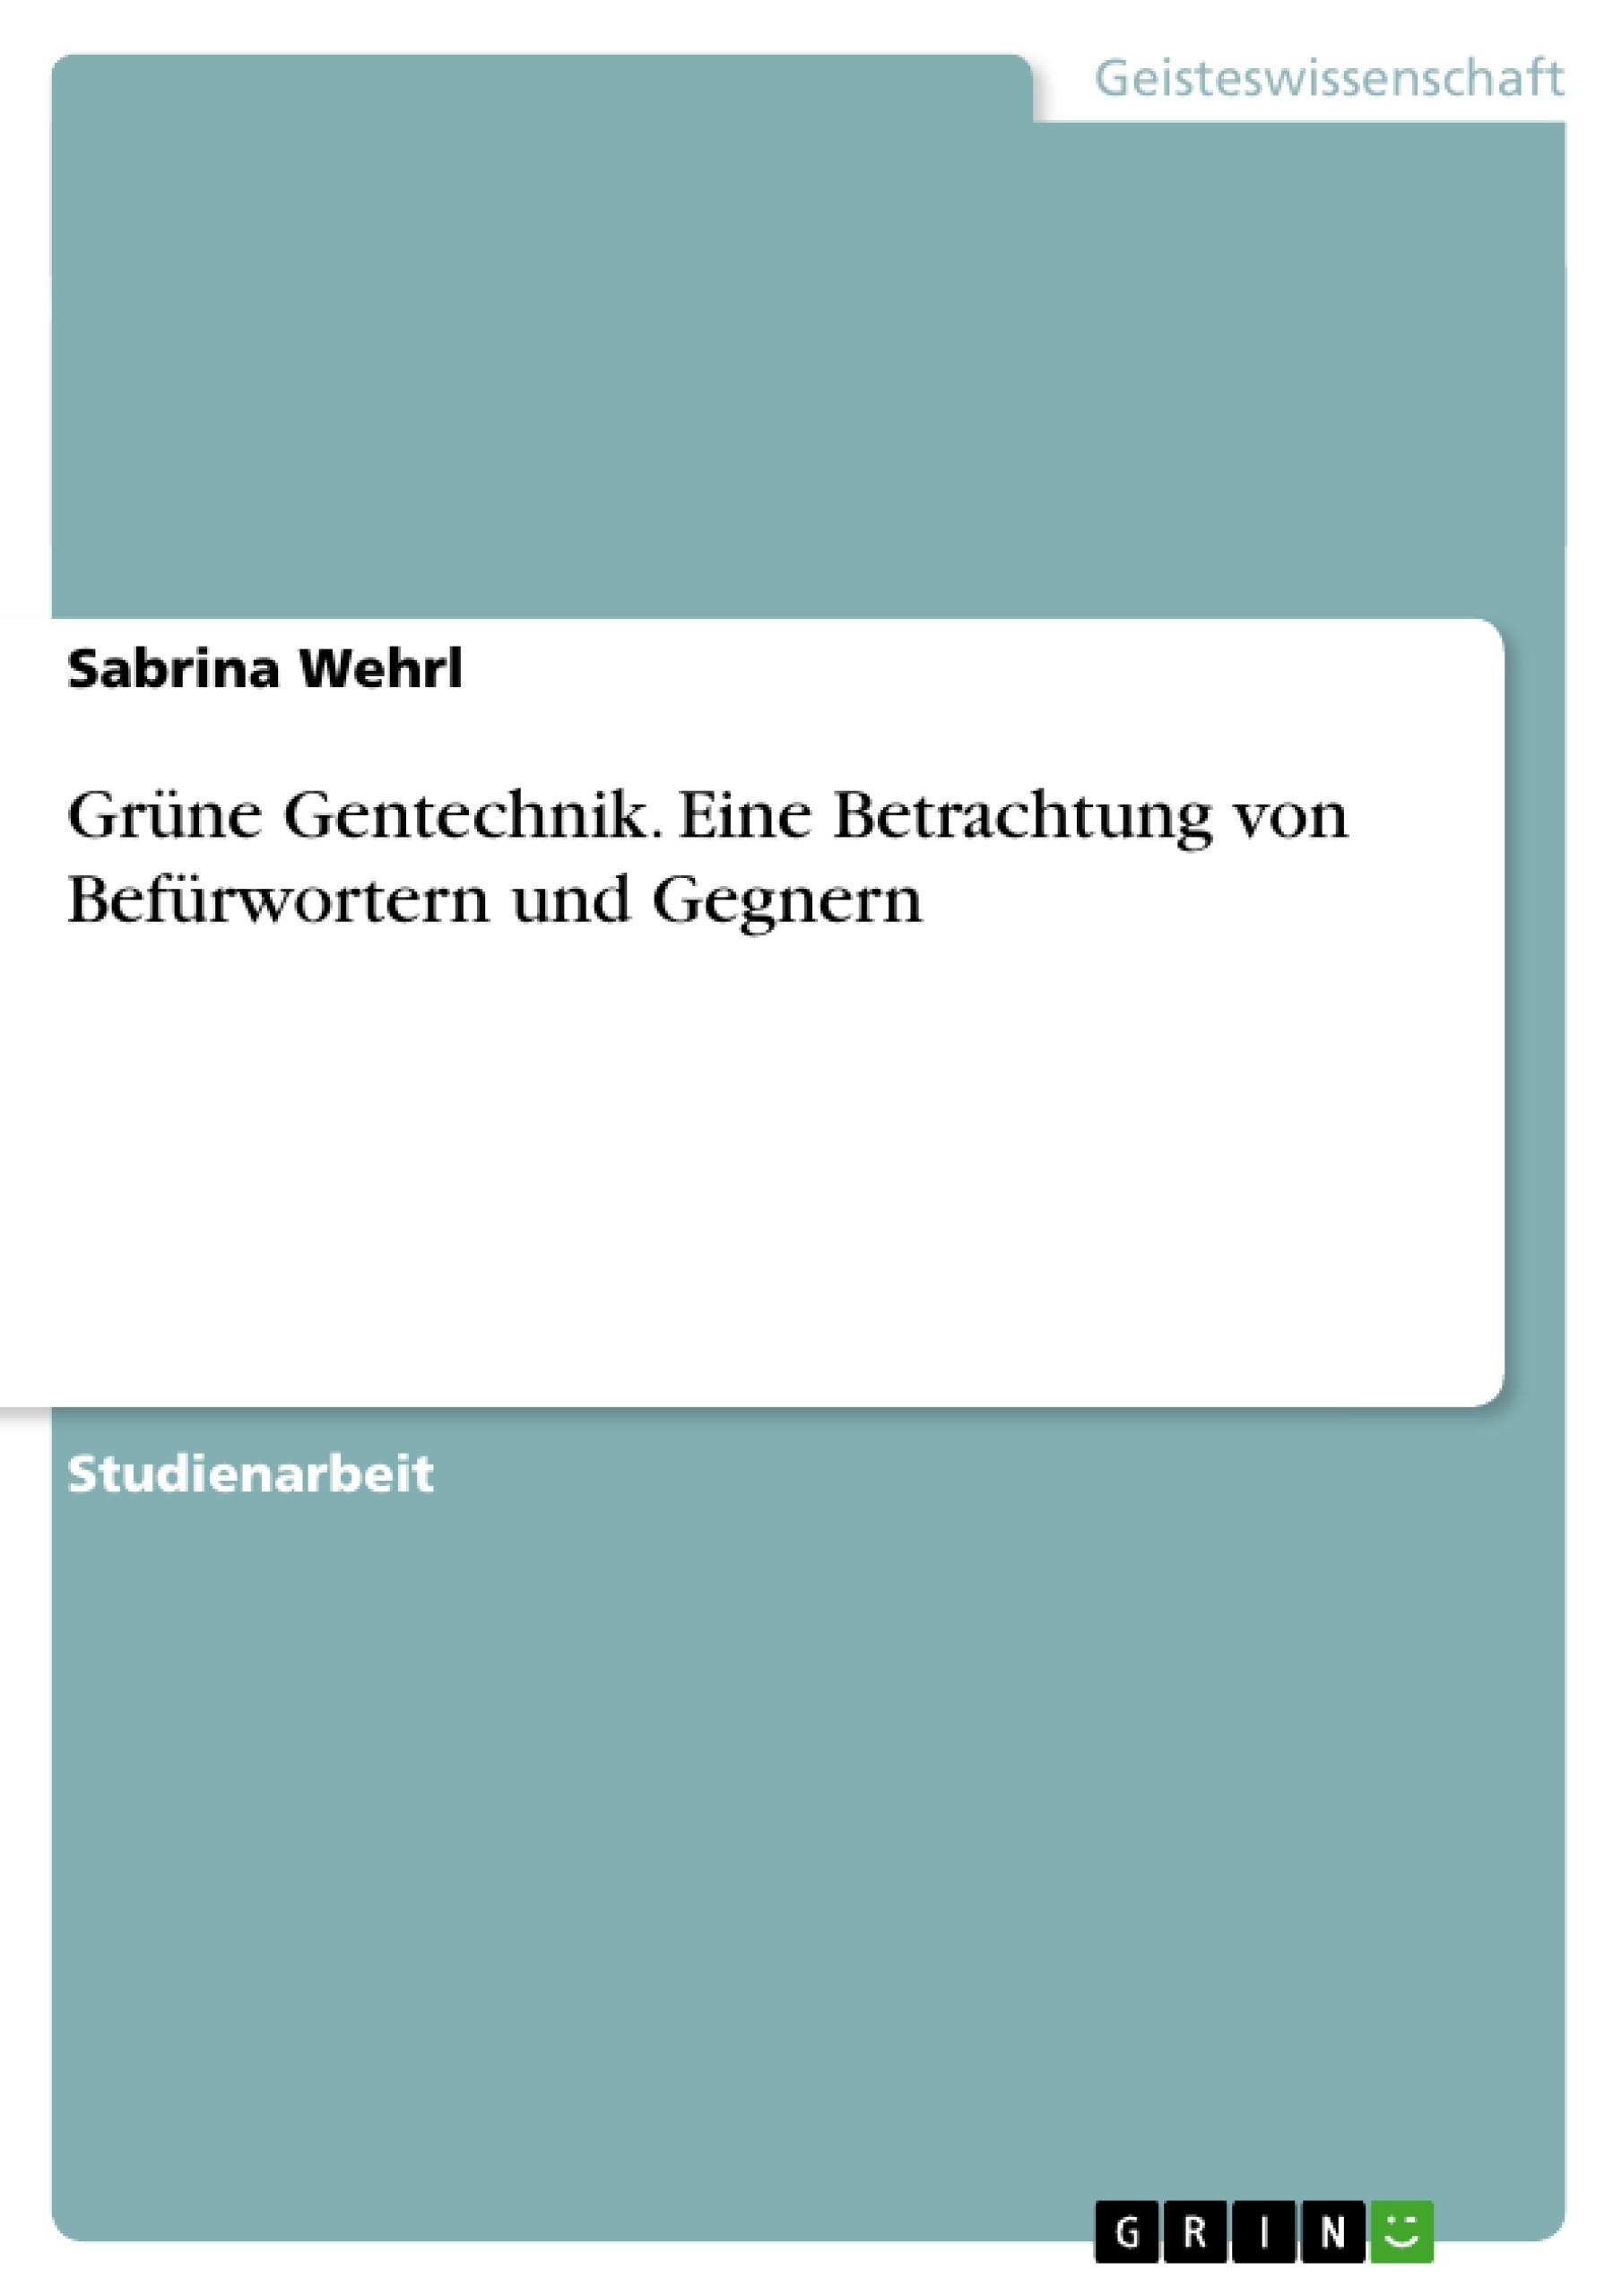 Titel: Grüne Gentechnik. Eine Betrachtung von Befürwortern und Gegnern